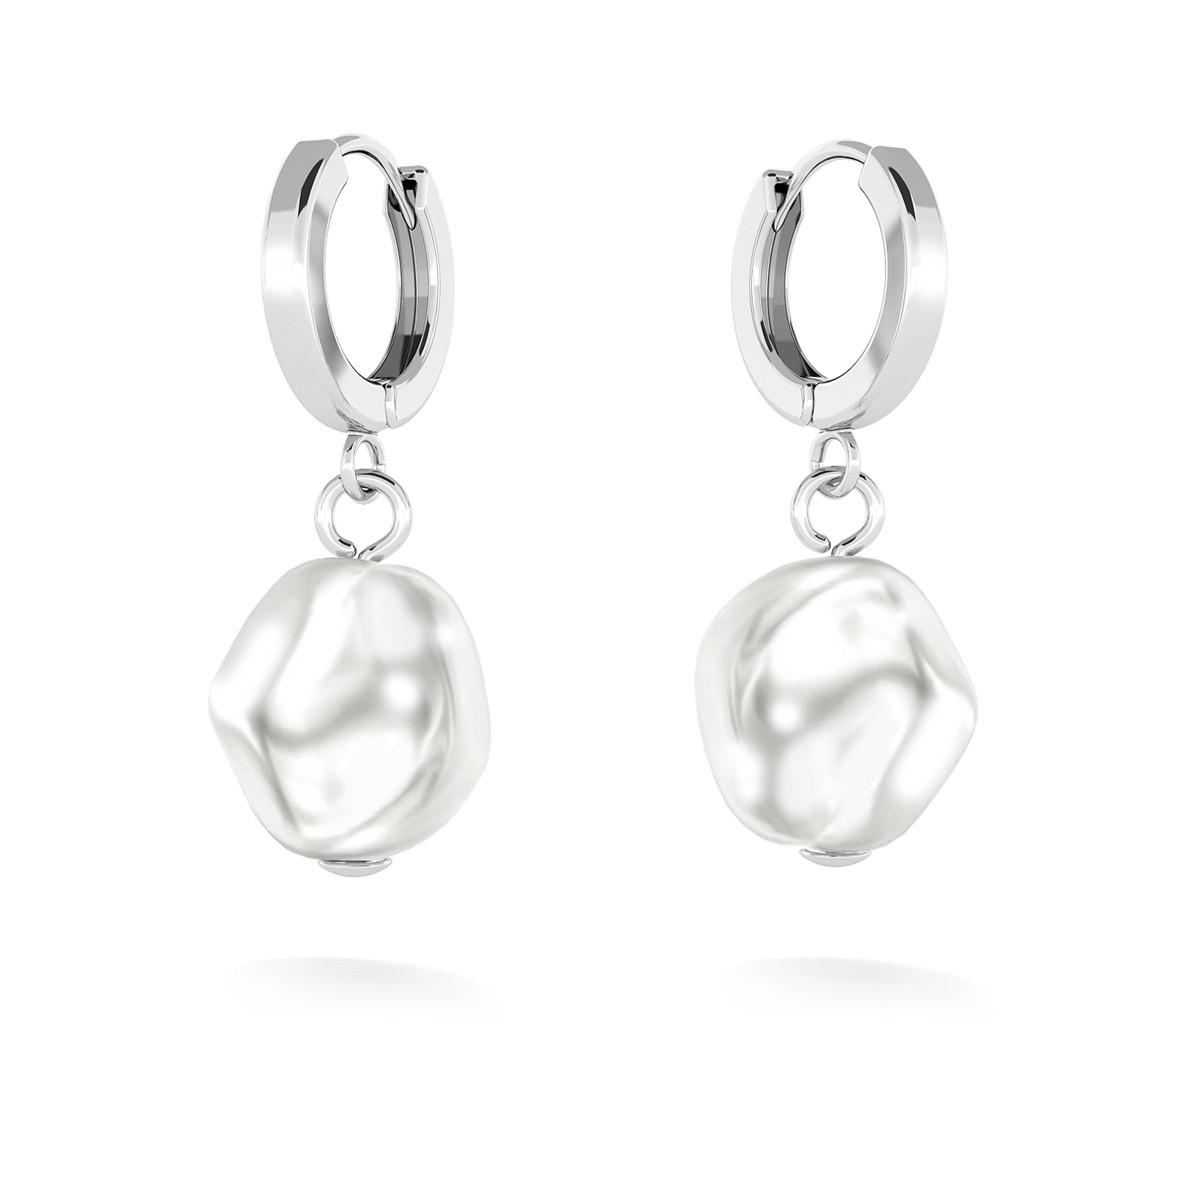 Kolczyki wiszące z perłą nieregulaną, MON DÉFI, srebro 925